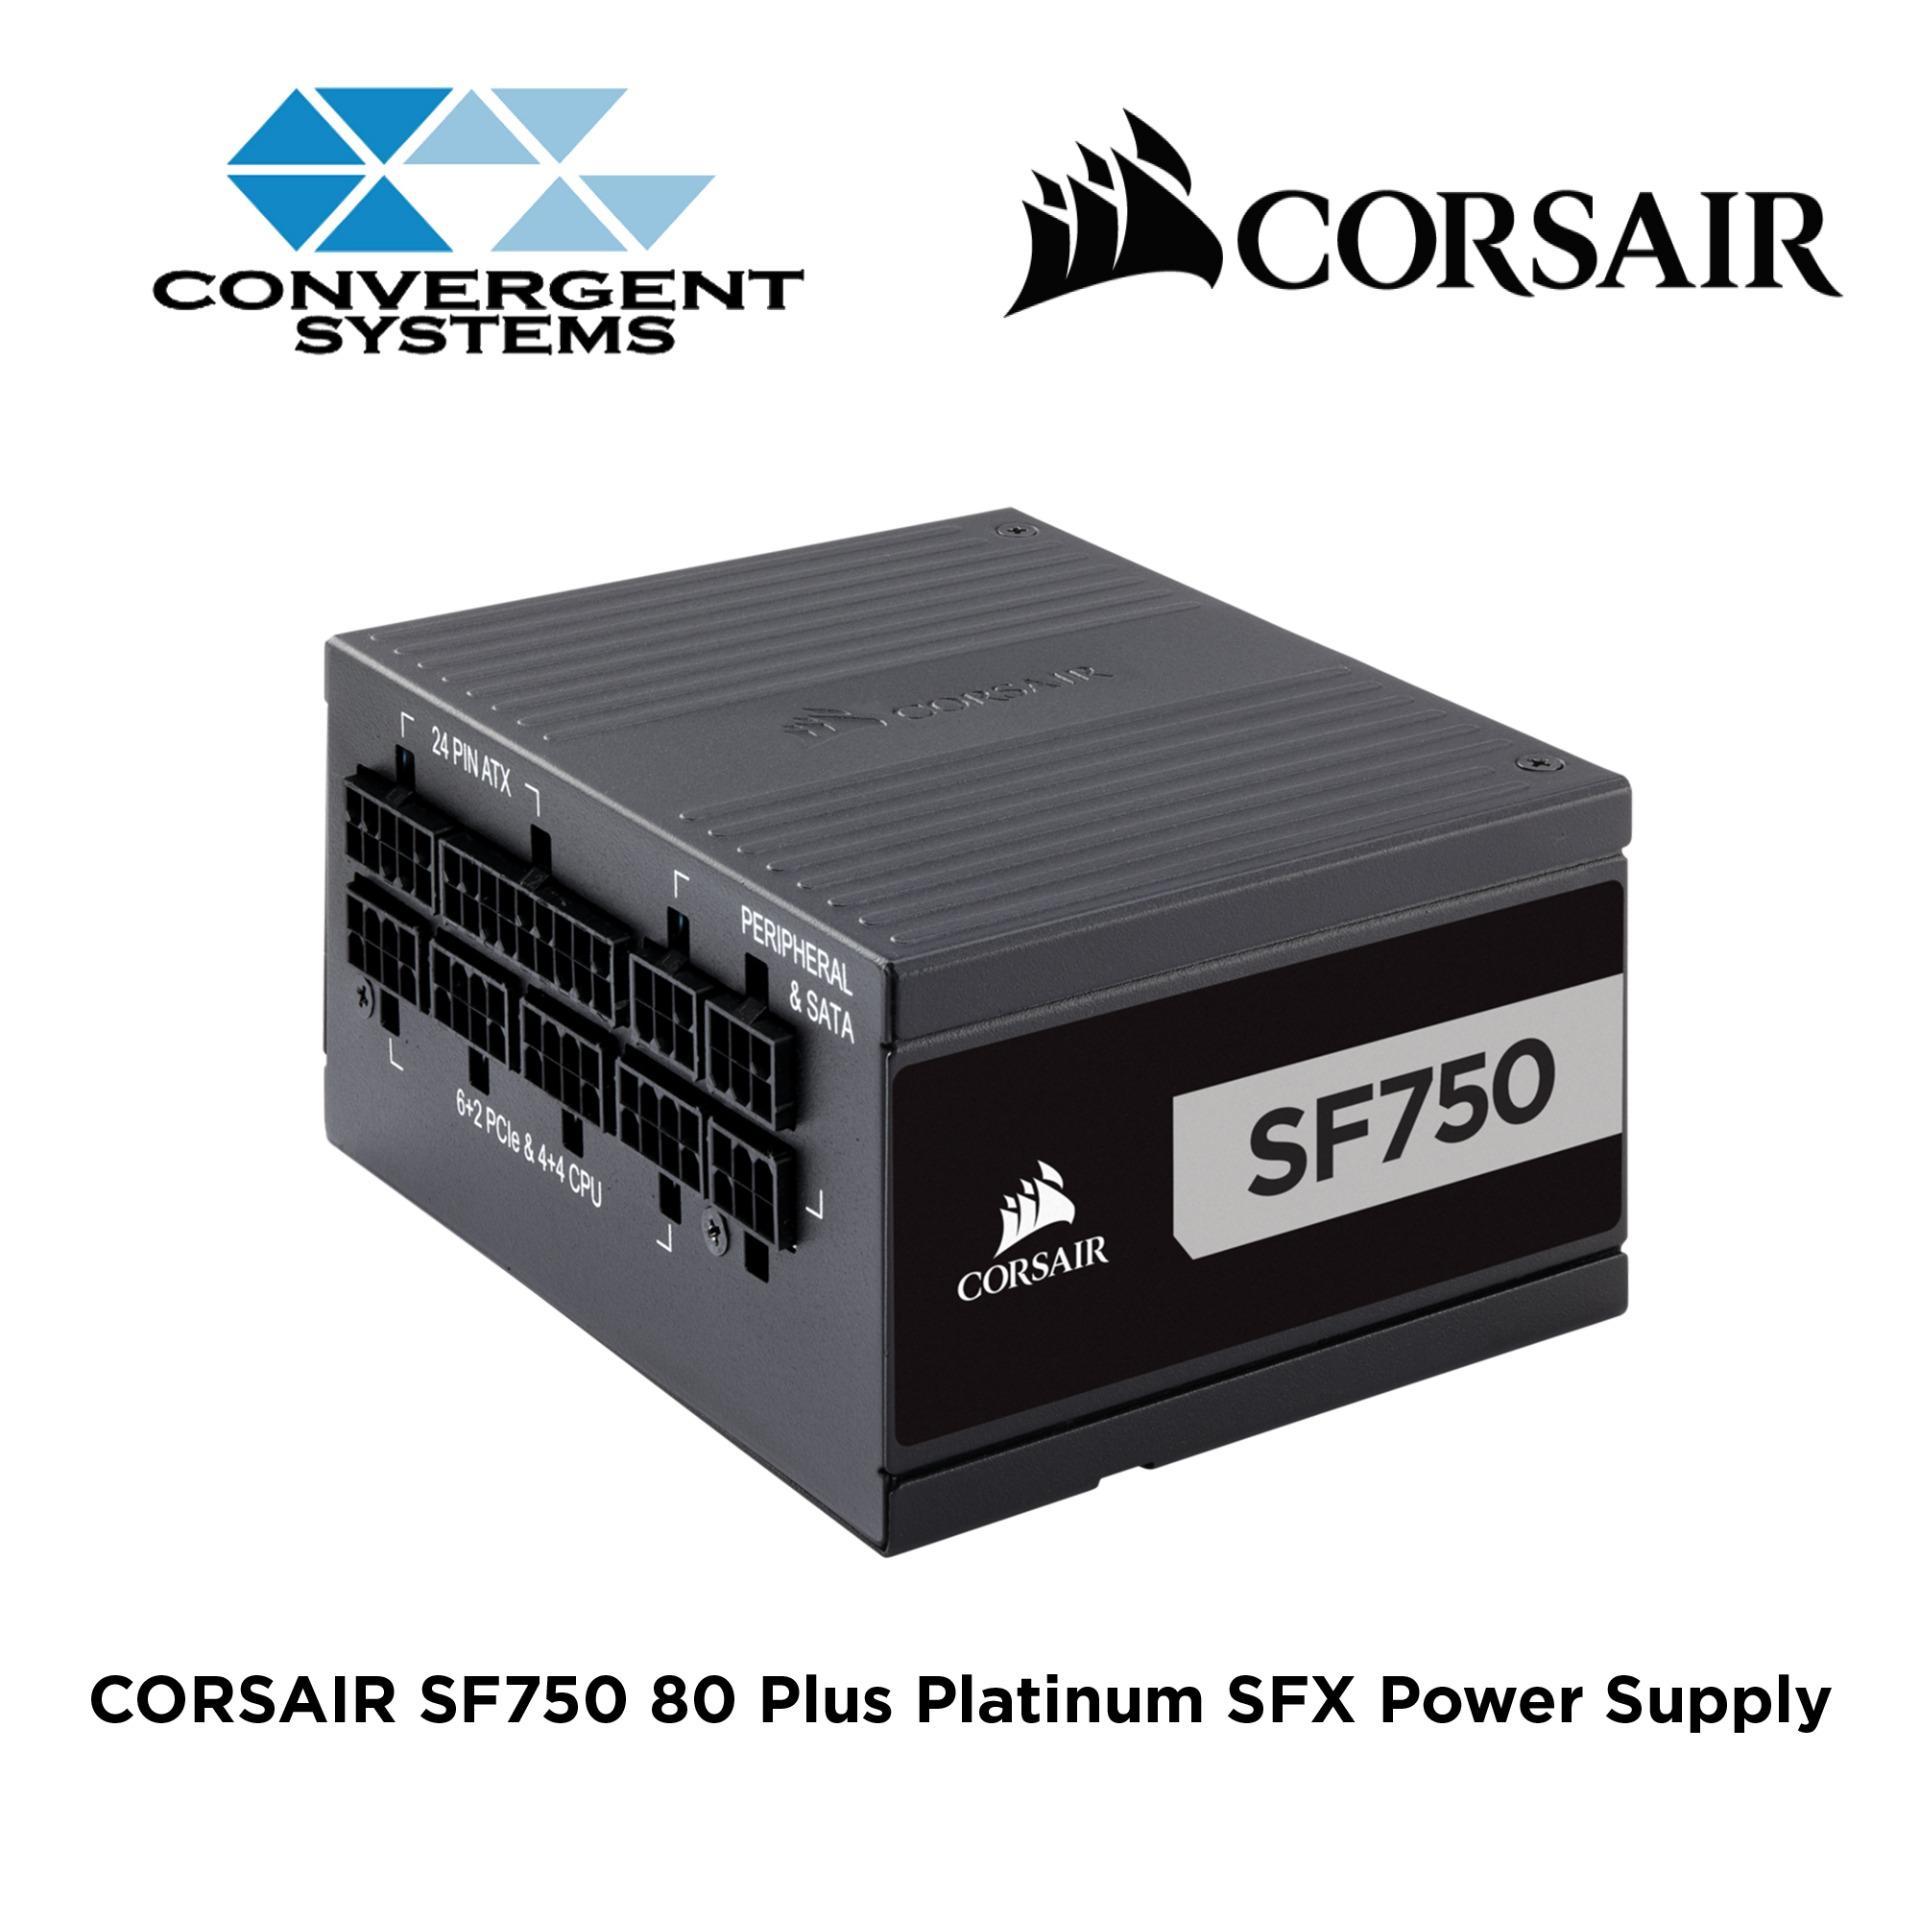 6f2340be2ff CORSAIR SF Series SF750 80 PLUS Platinum High Performance SFX Power Supply